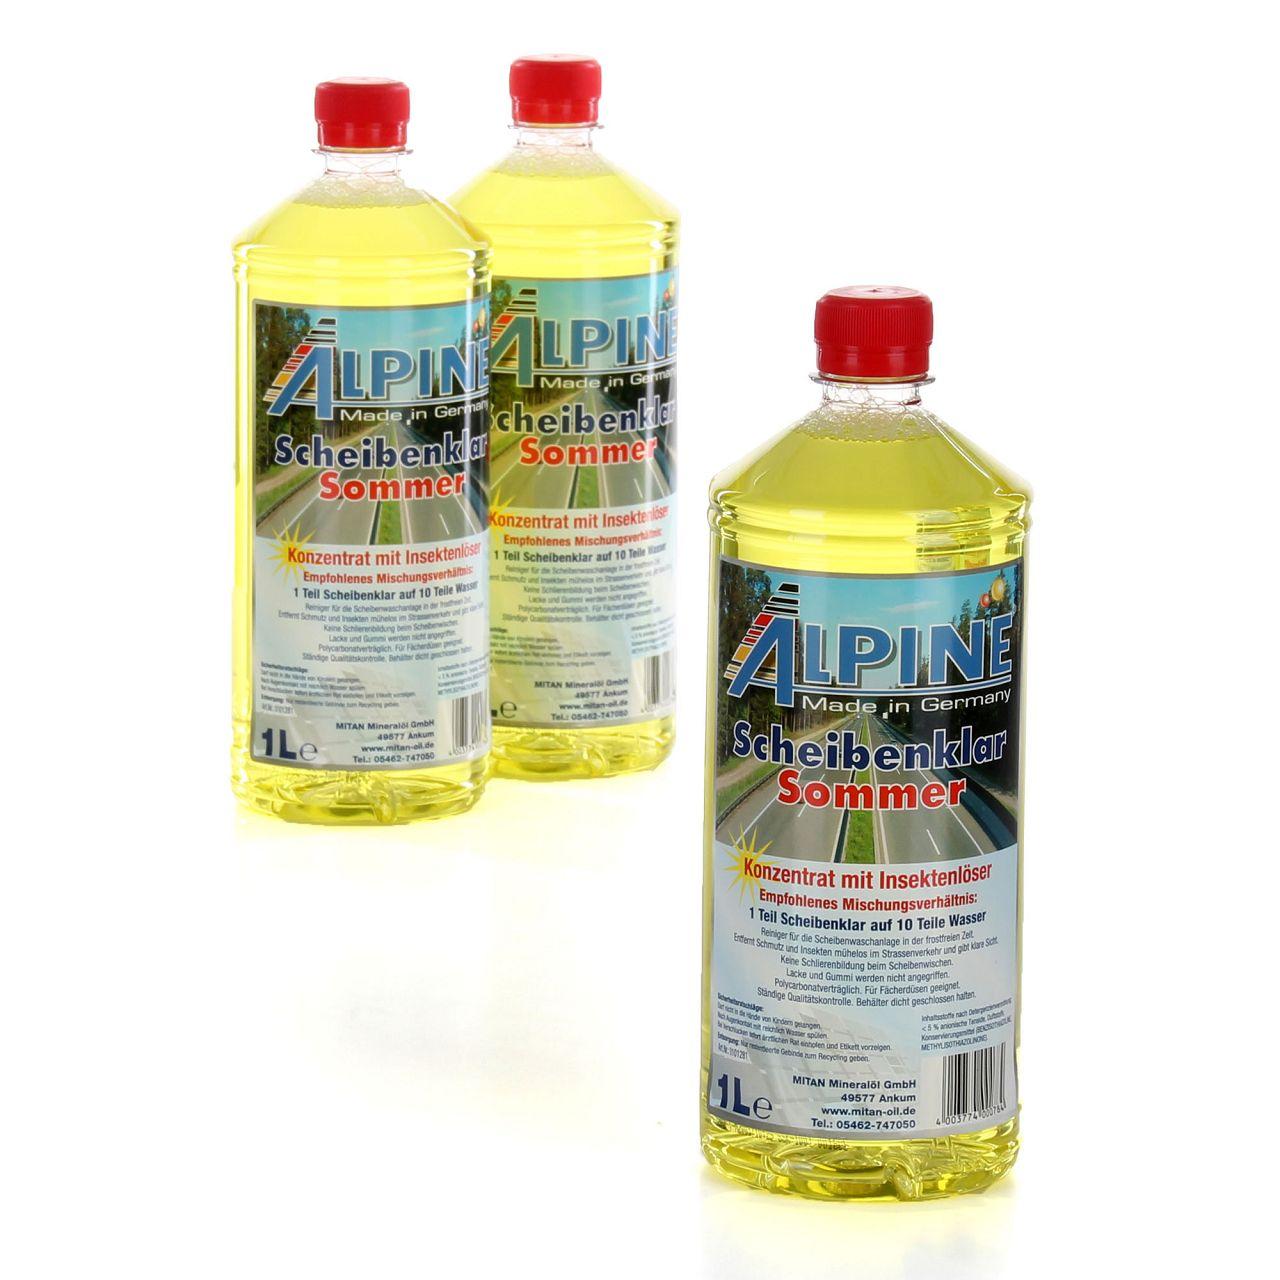 ALPINE Scheibenklar Sommer 1:10 Konzentrat Insektenlöser Citrusduft - 3L 3 Liter